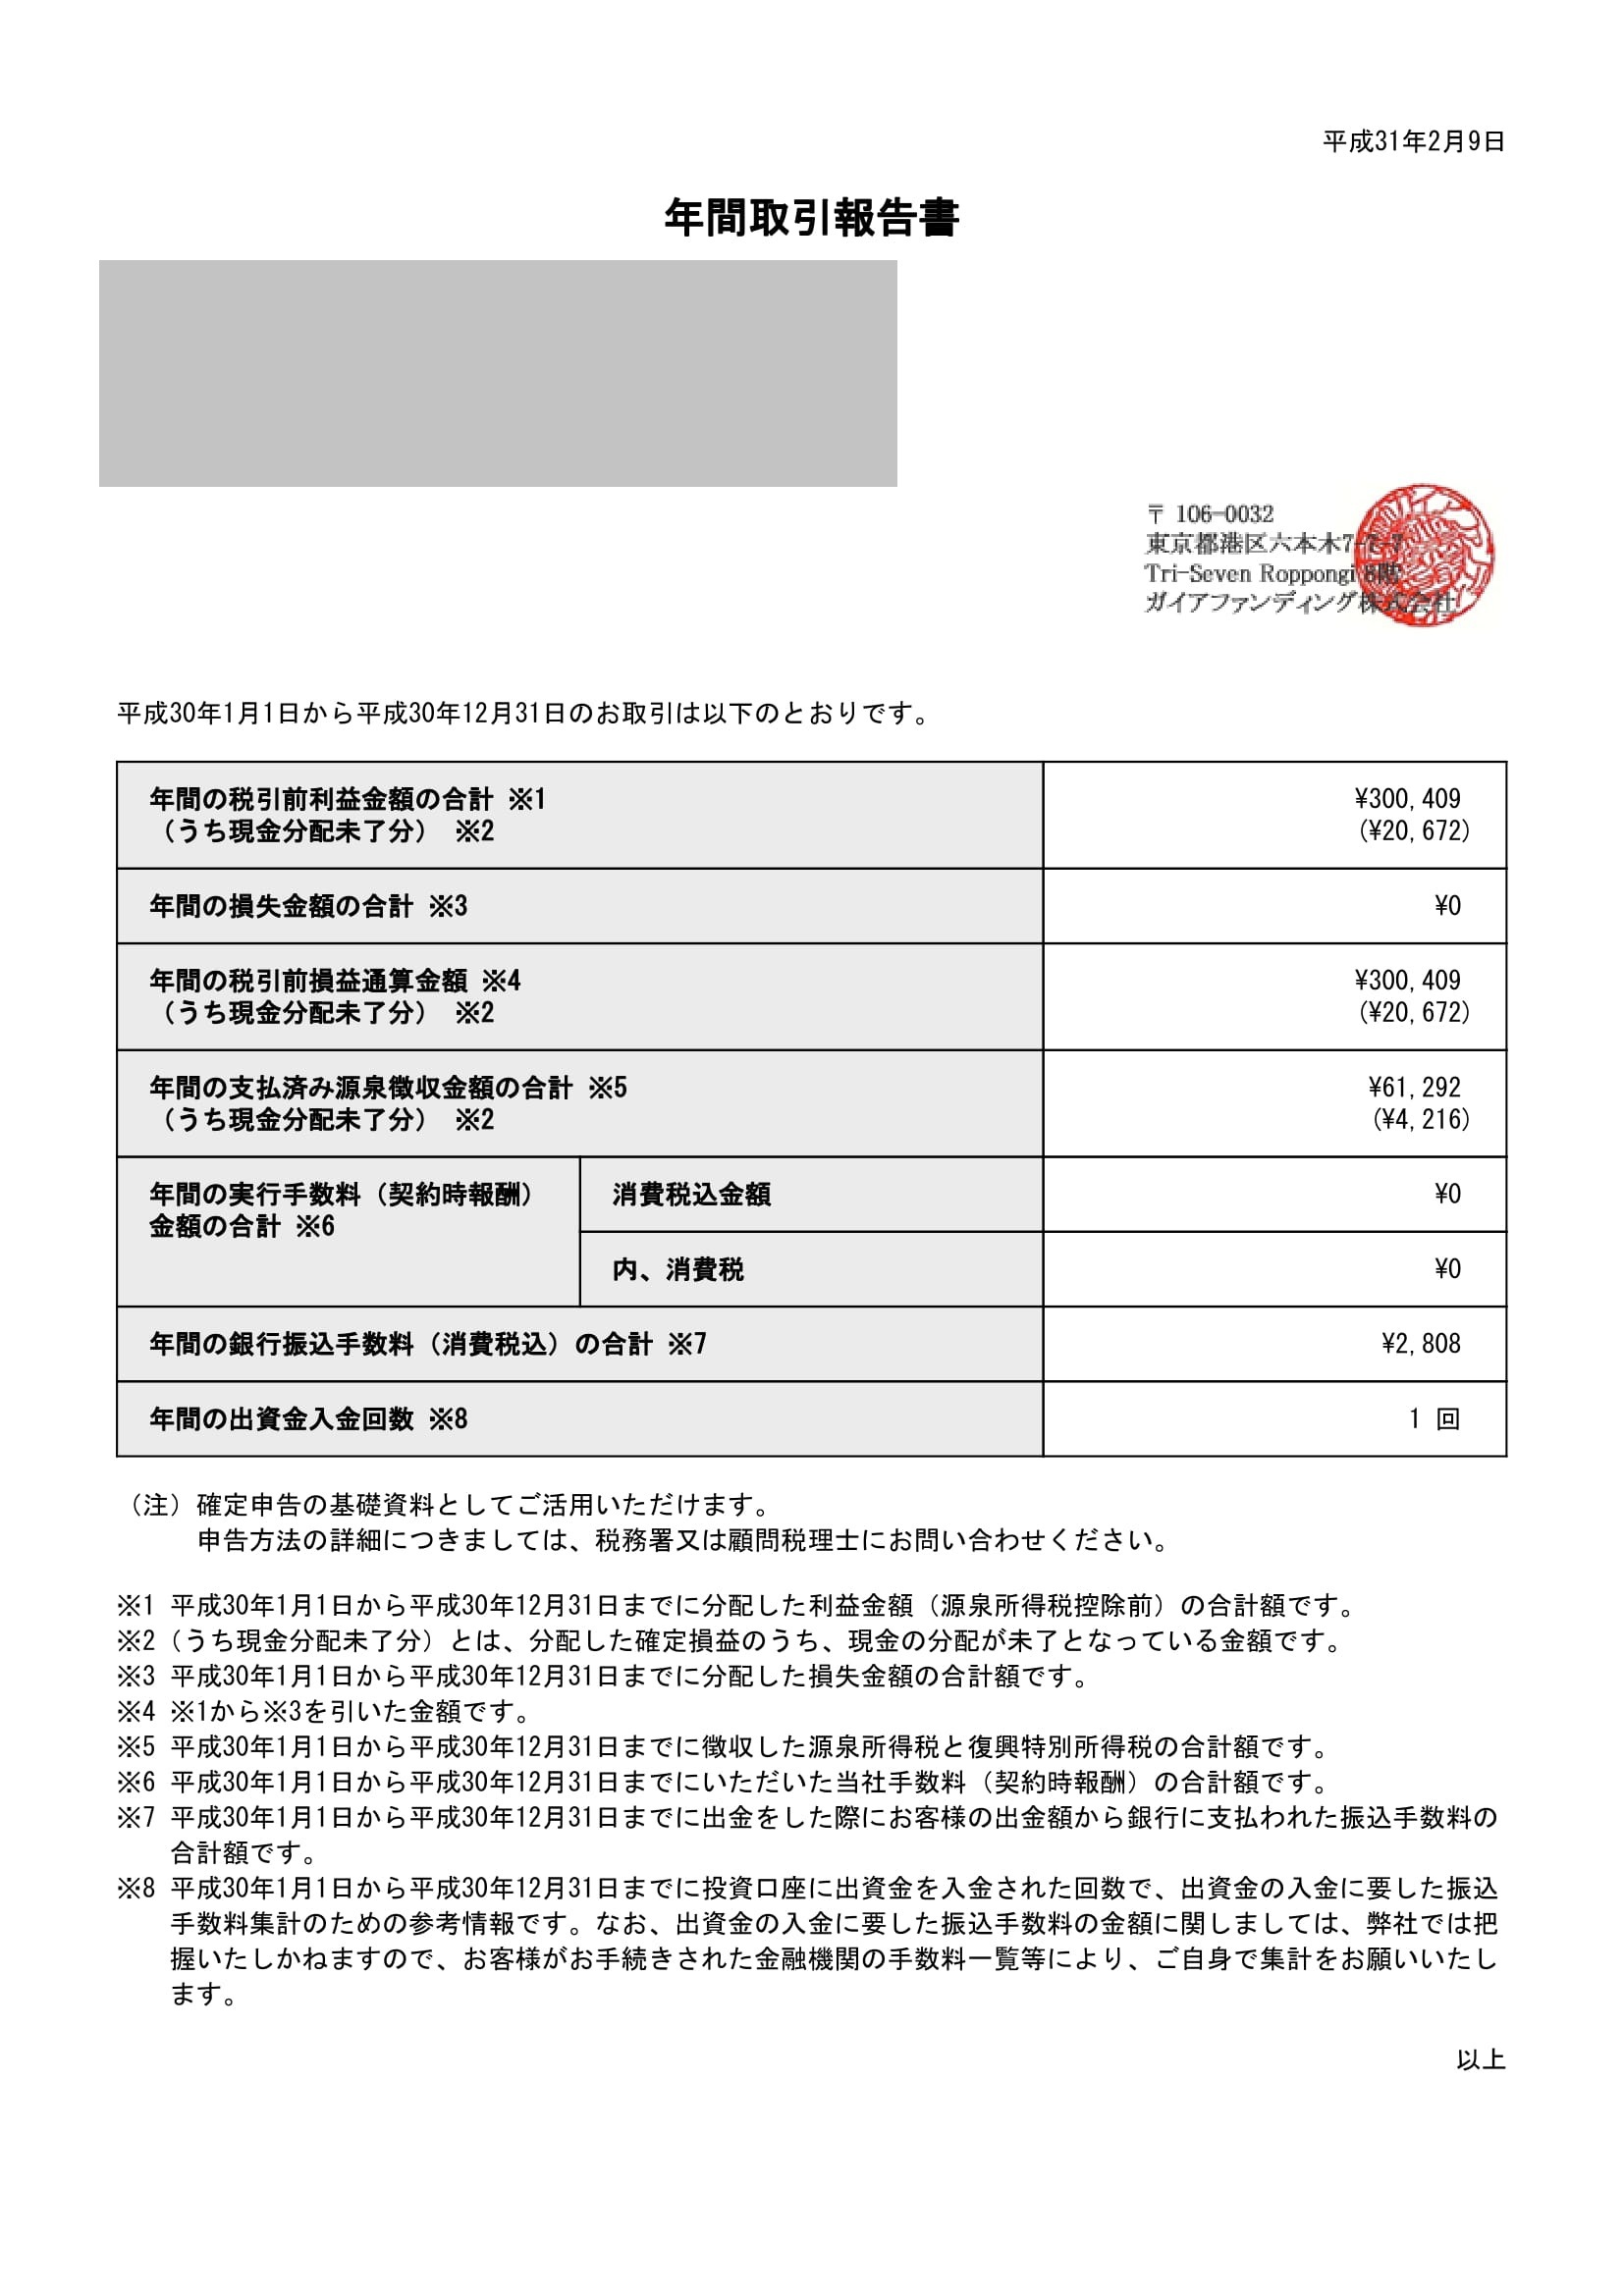 ガイアファンディング年間取引報告書_312_20190209-1